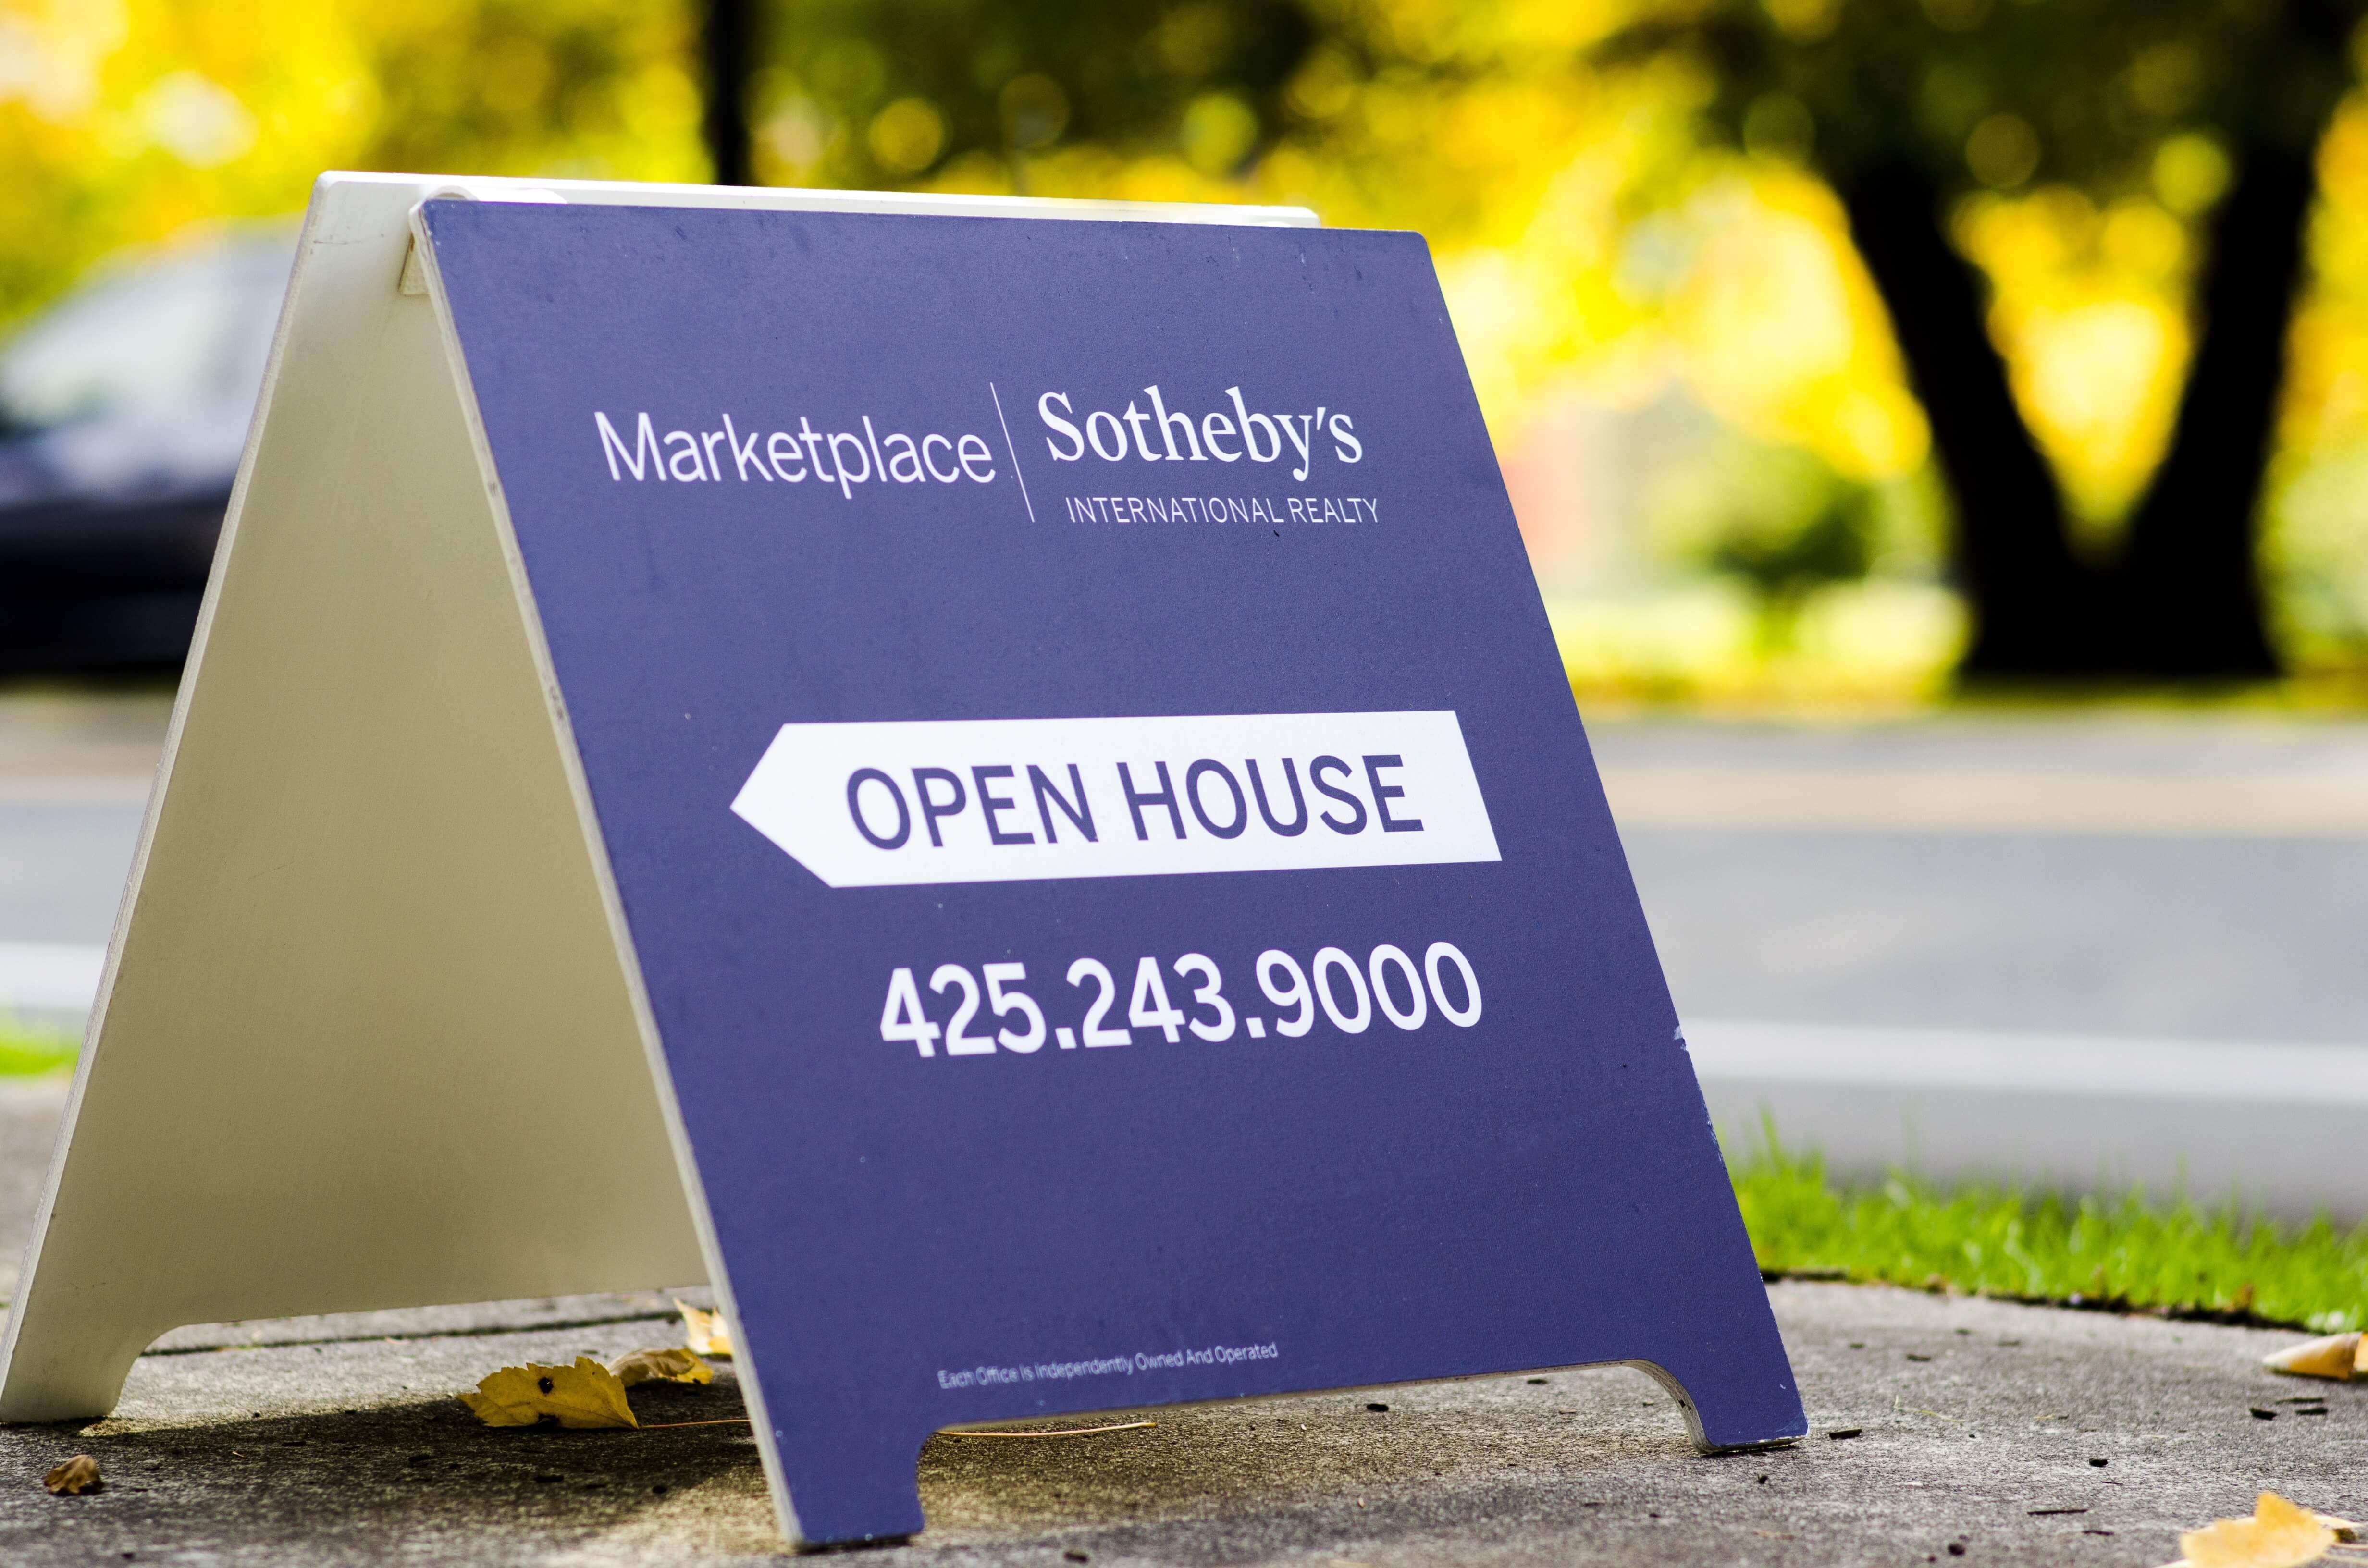 Open-huis-advertentie